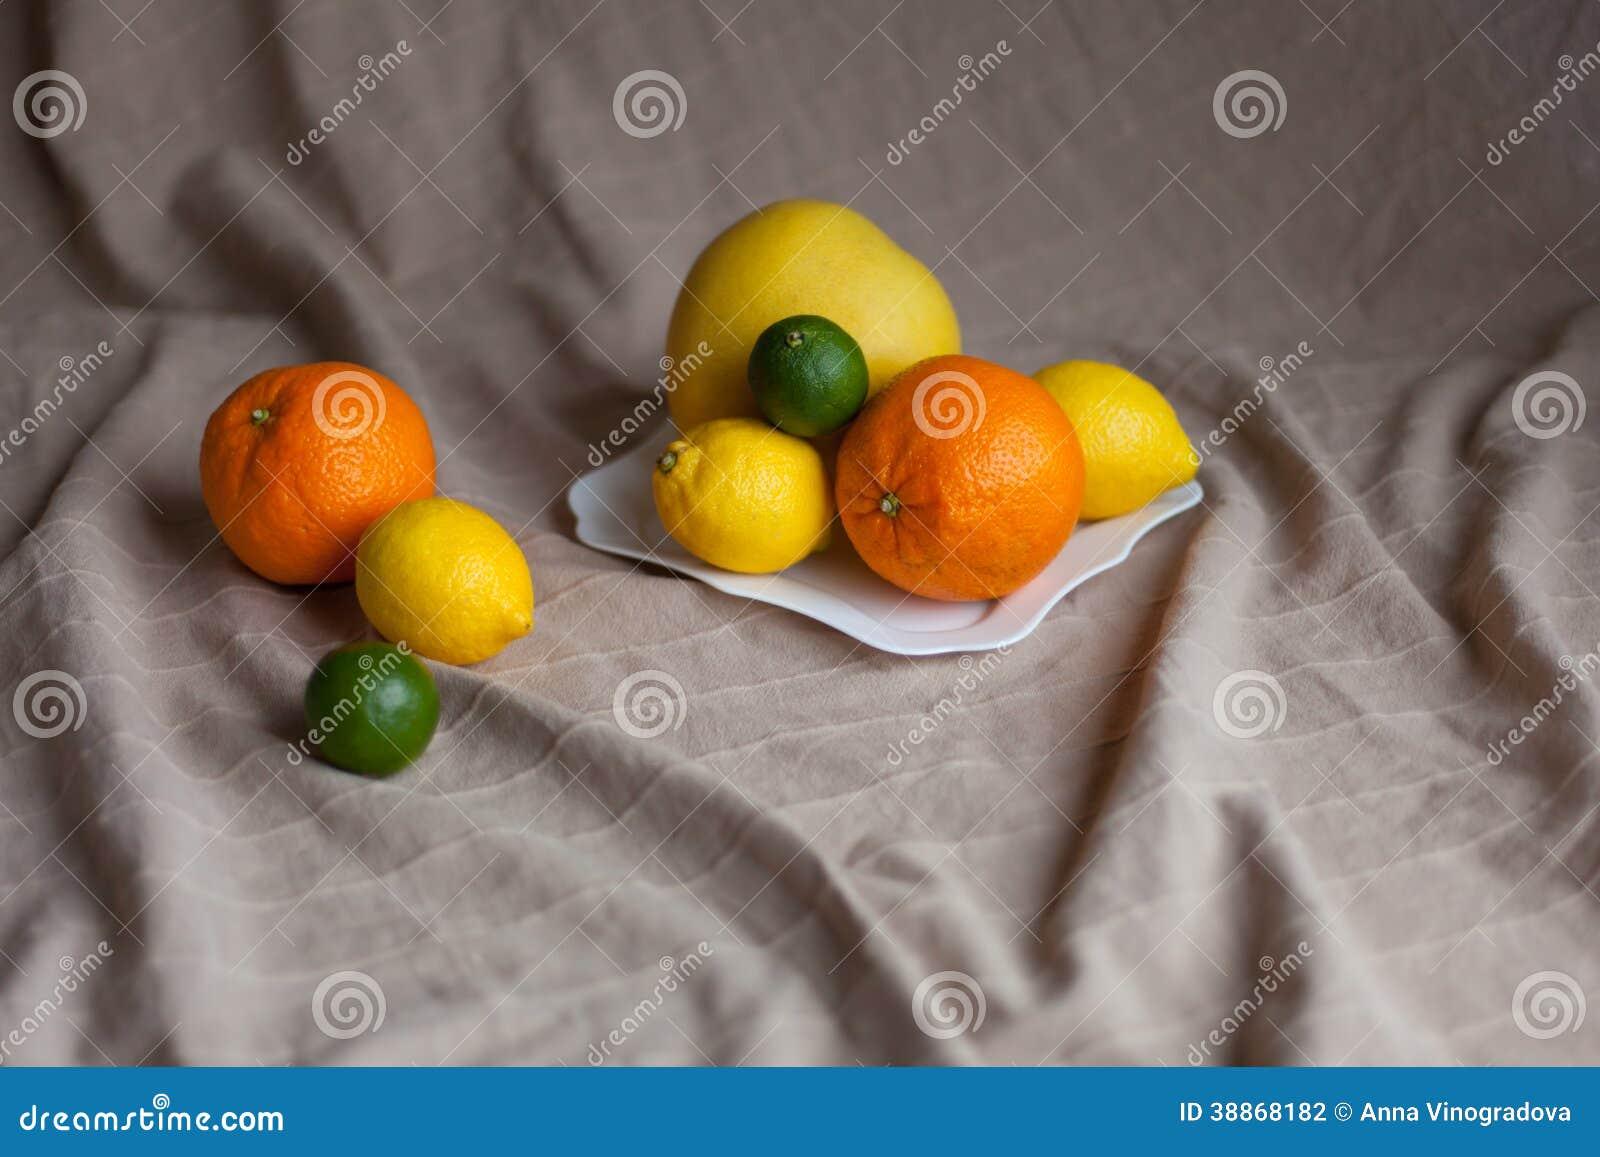 Naranja un limón una cal en una tabla